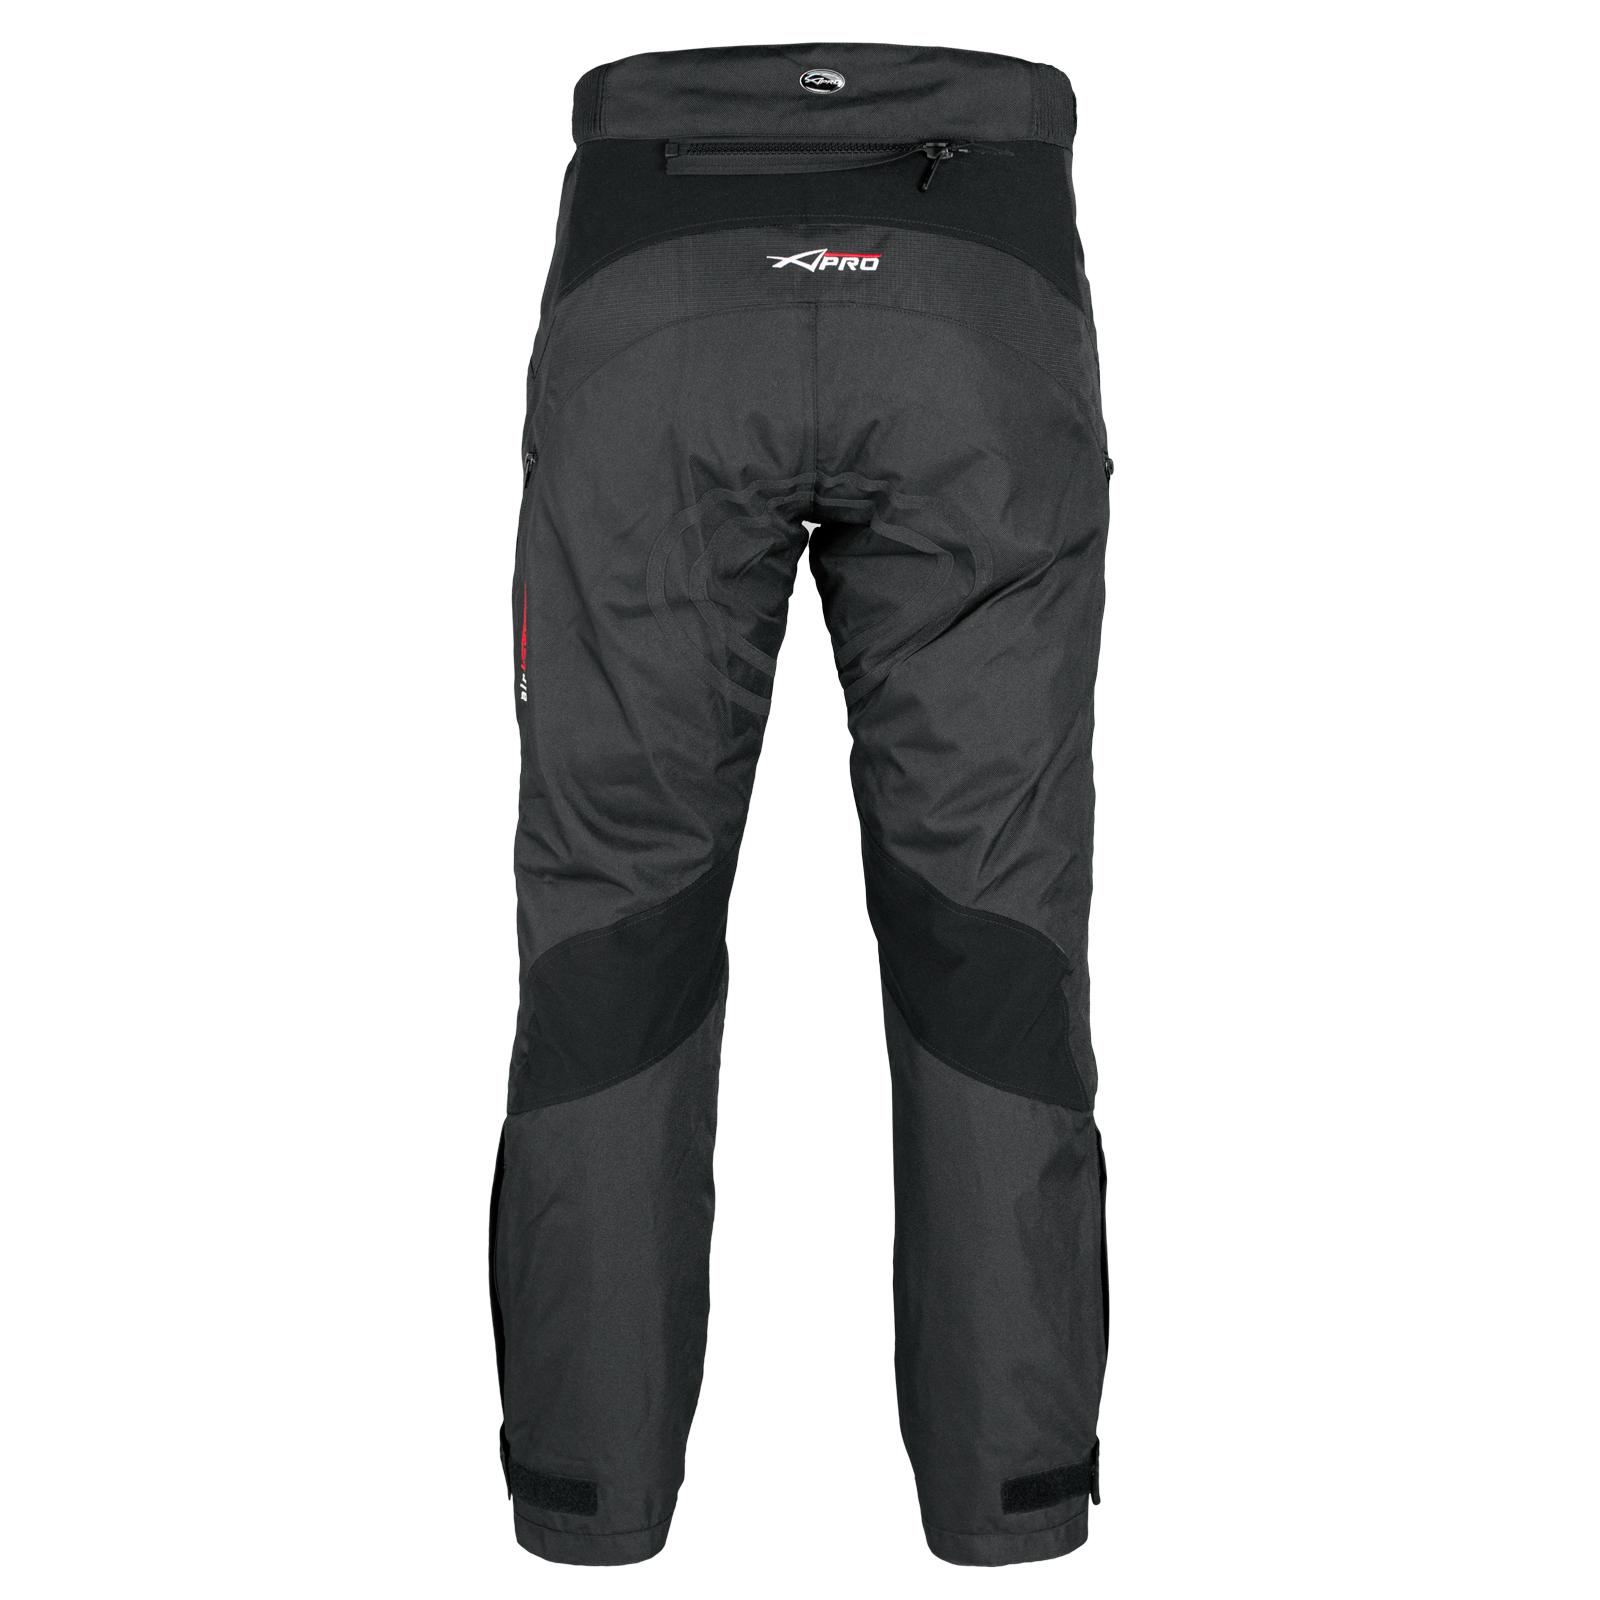 Pantalon-Impermeable-Homme-Protections-CE-Thermique-Motard-Reflechissant-Moto miniature 5